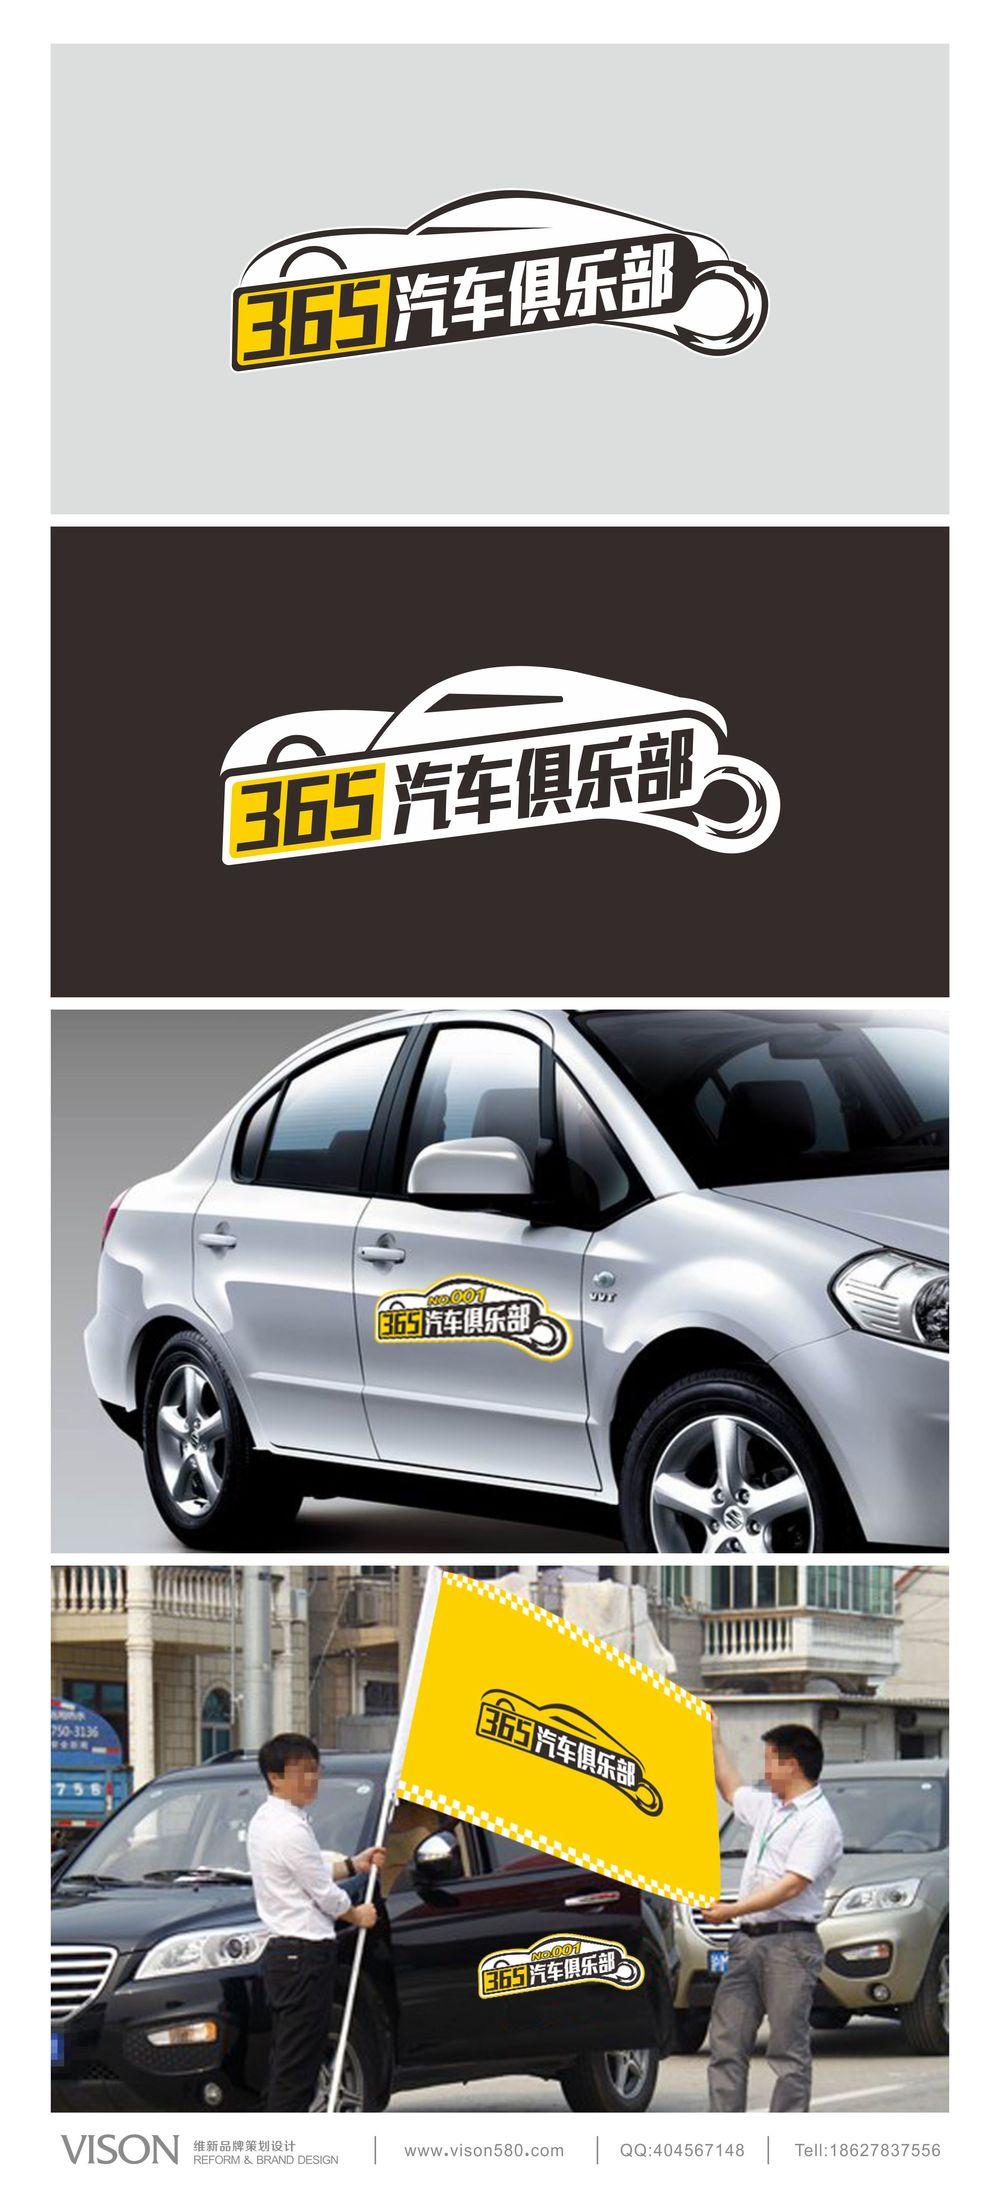 365汽车俱乐部LOGO相关设计高清图片